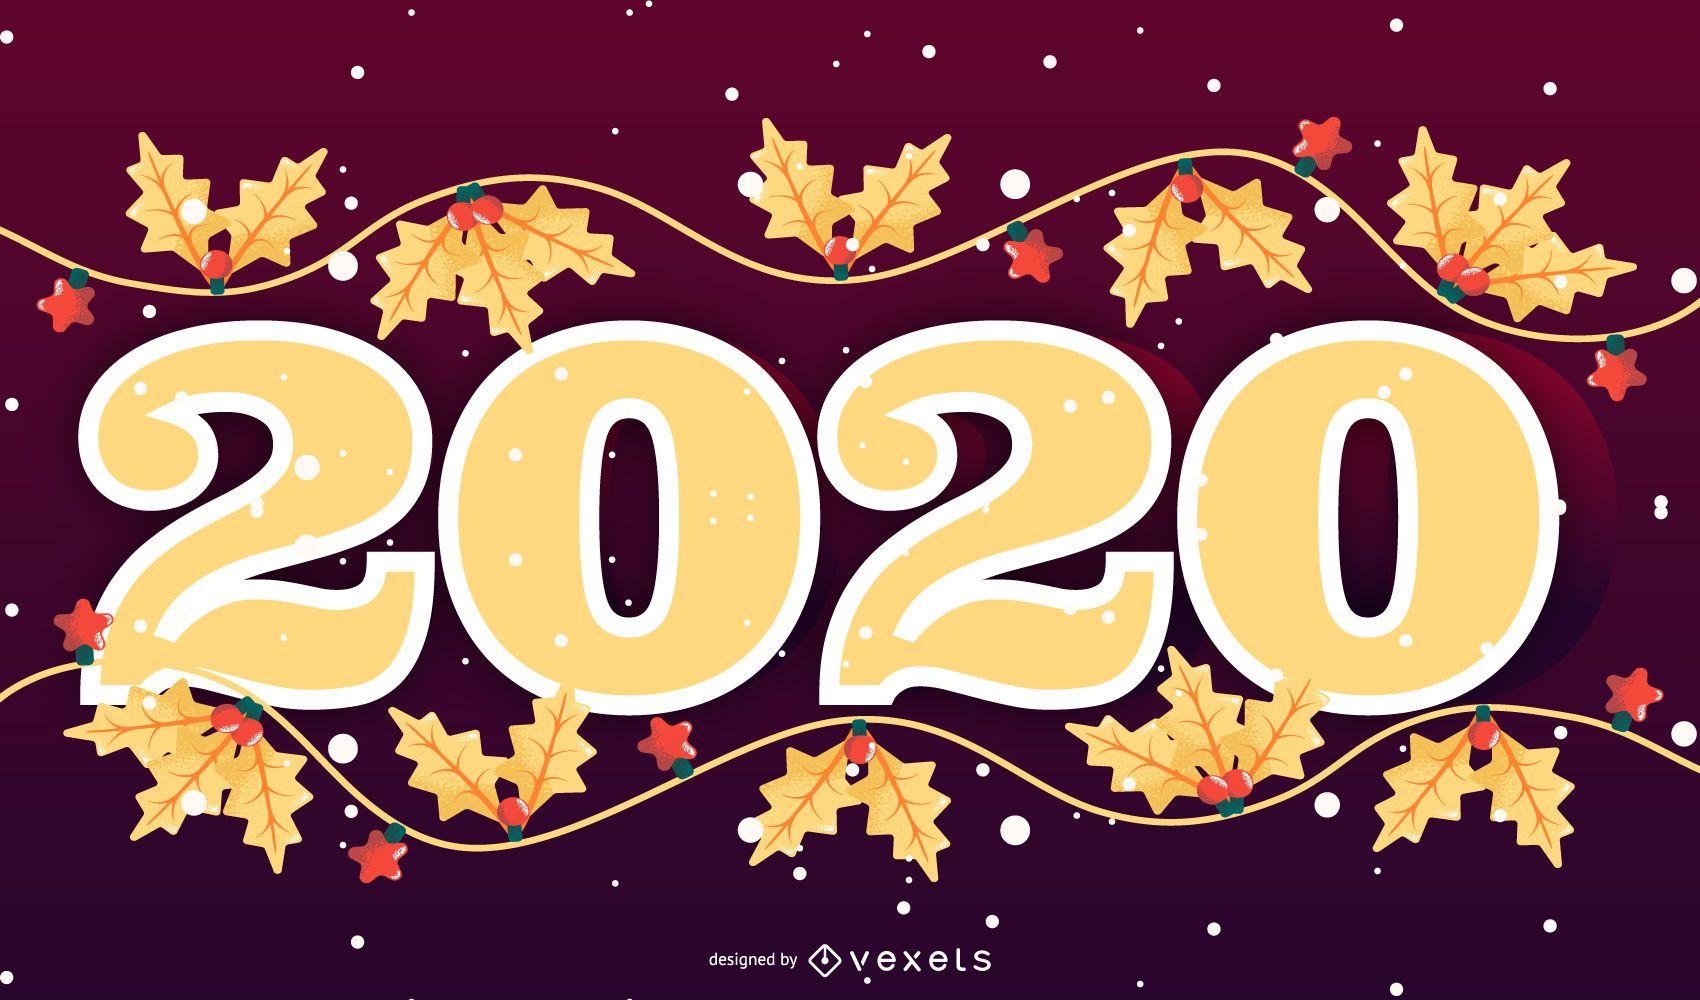 Diseño de banner de temporada feliz 2020